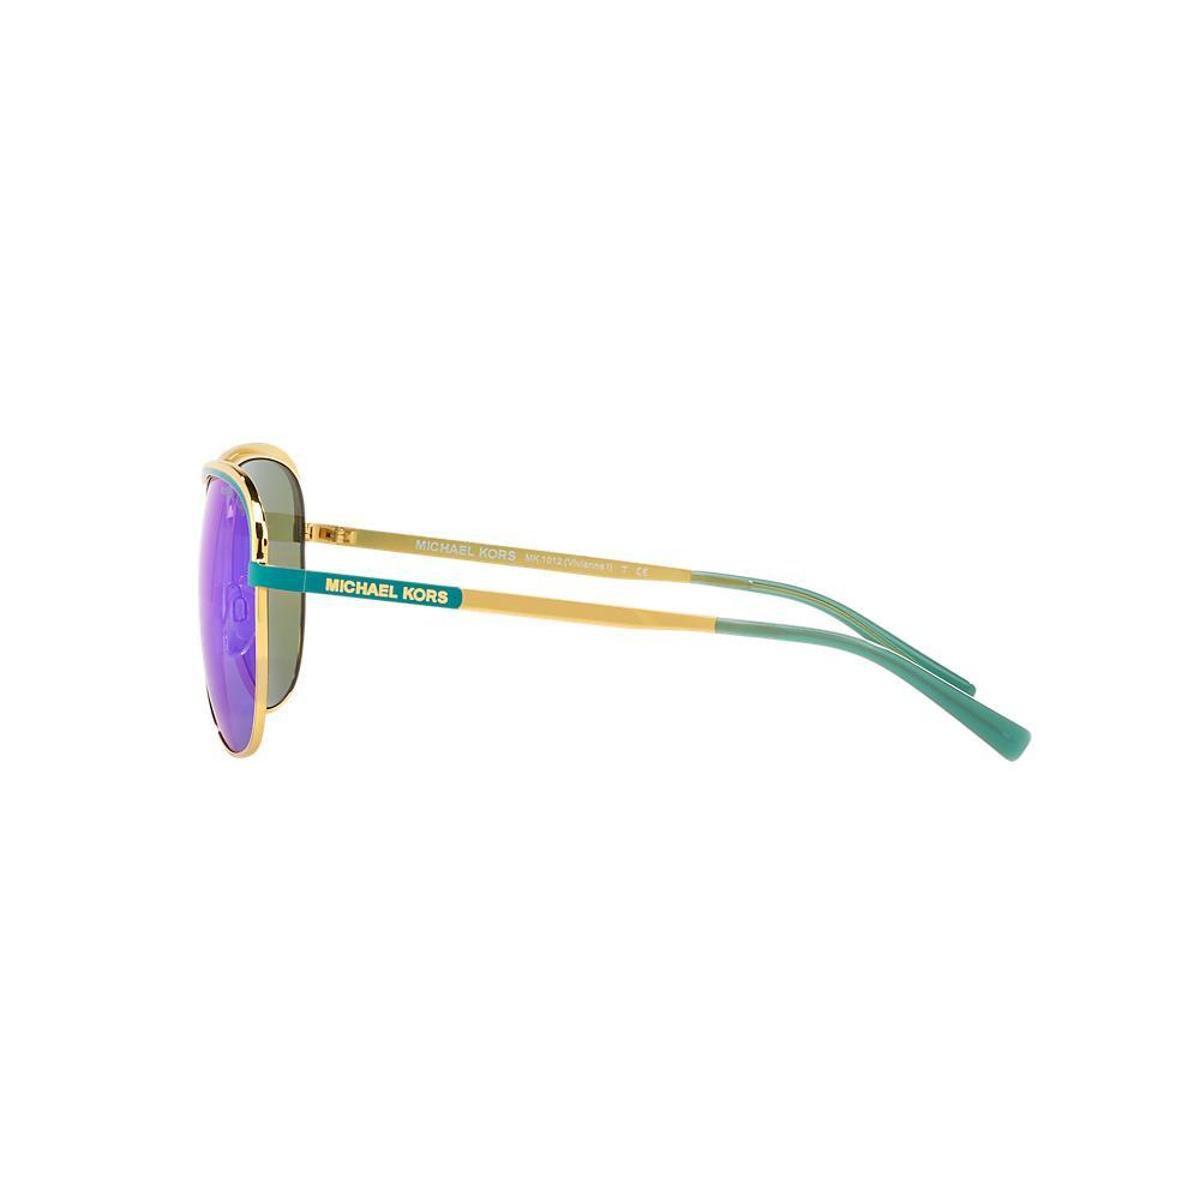 ... Óculos de Sol Michael Kors Piloto MK1012 Vivianna I Feminino ... c6578c6d66